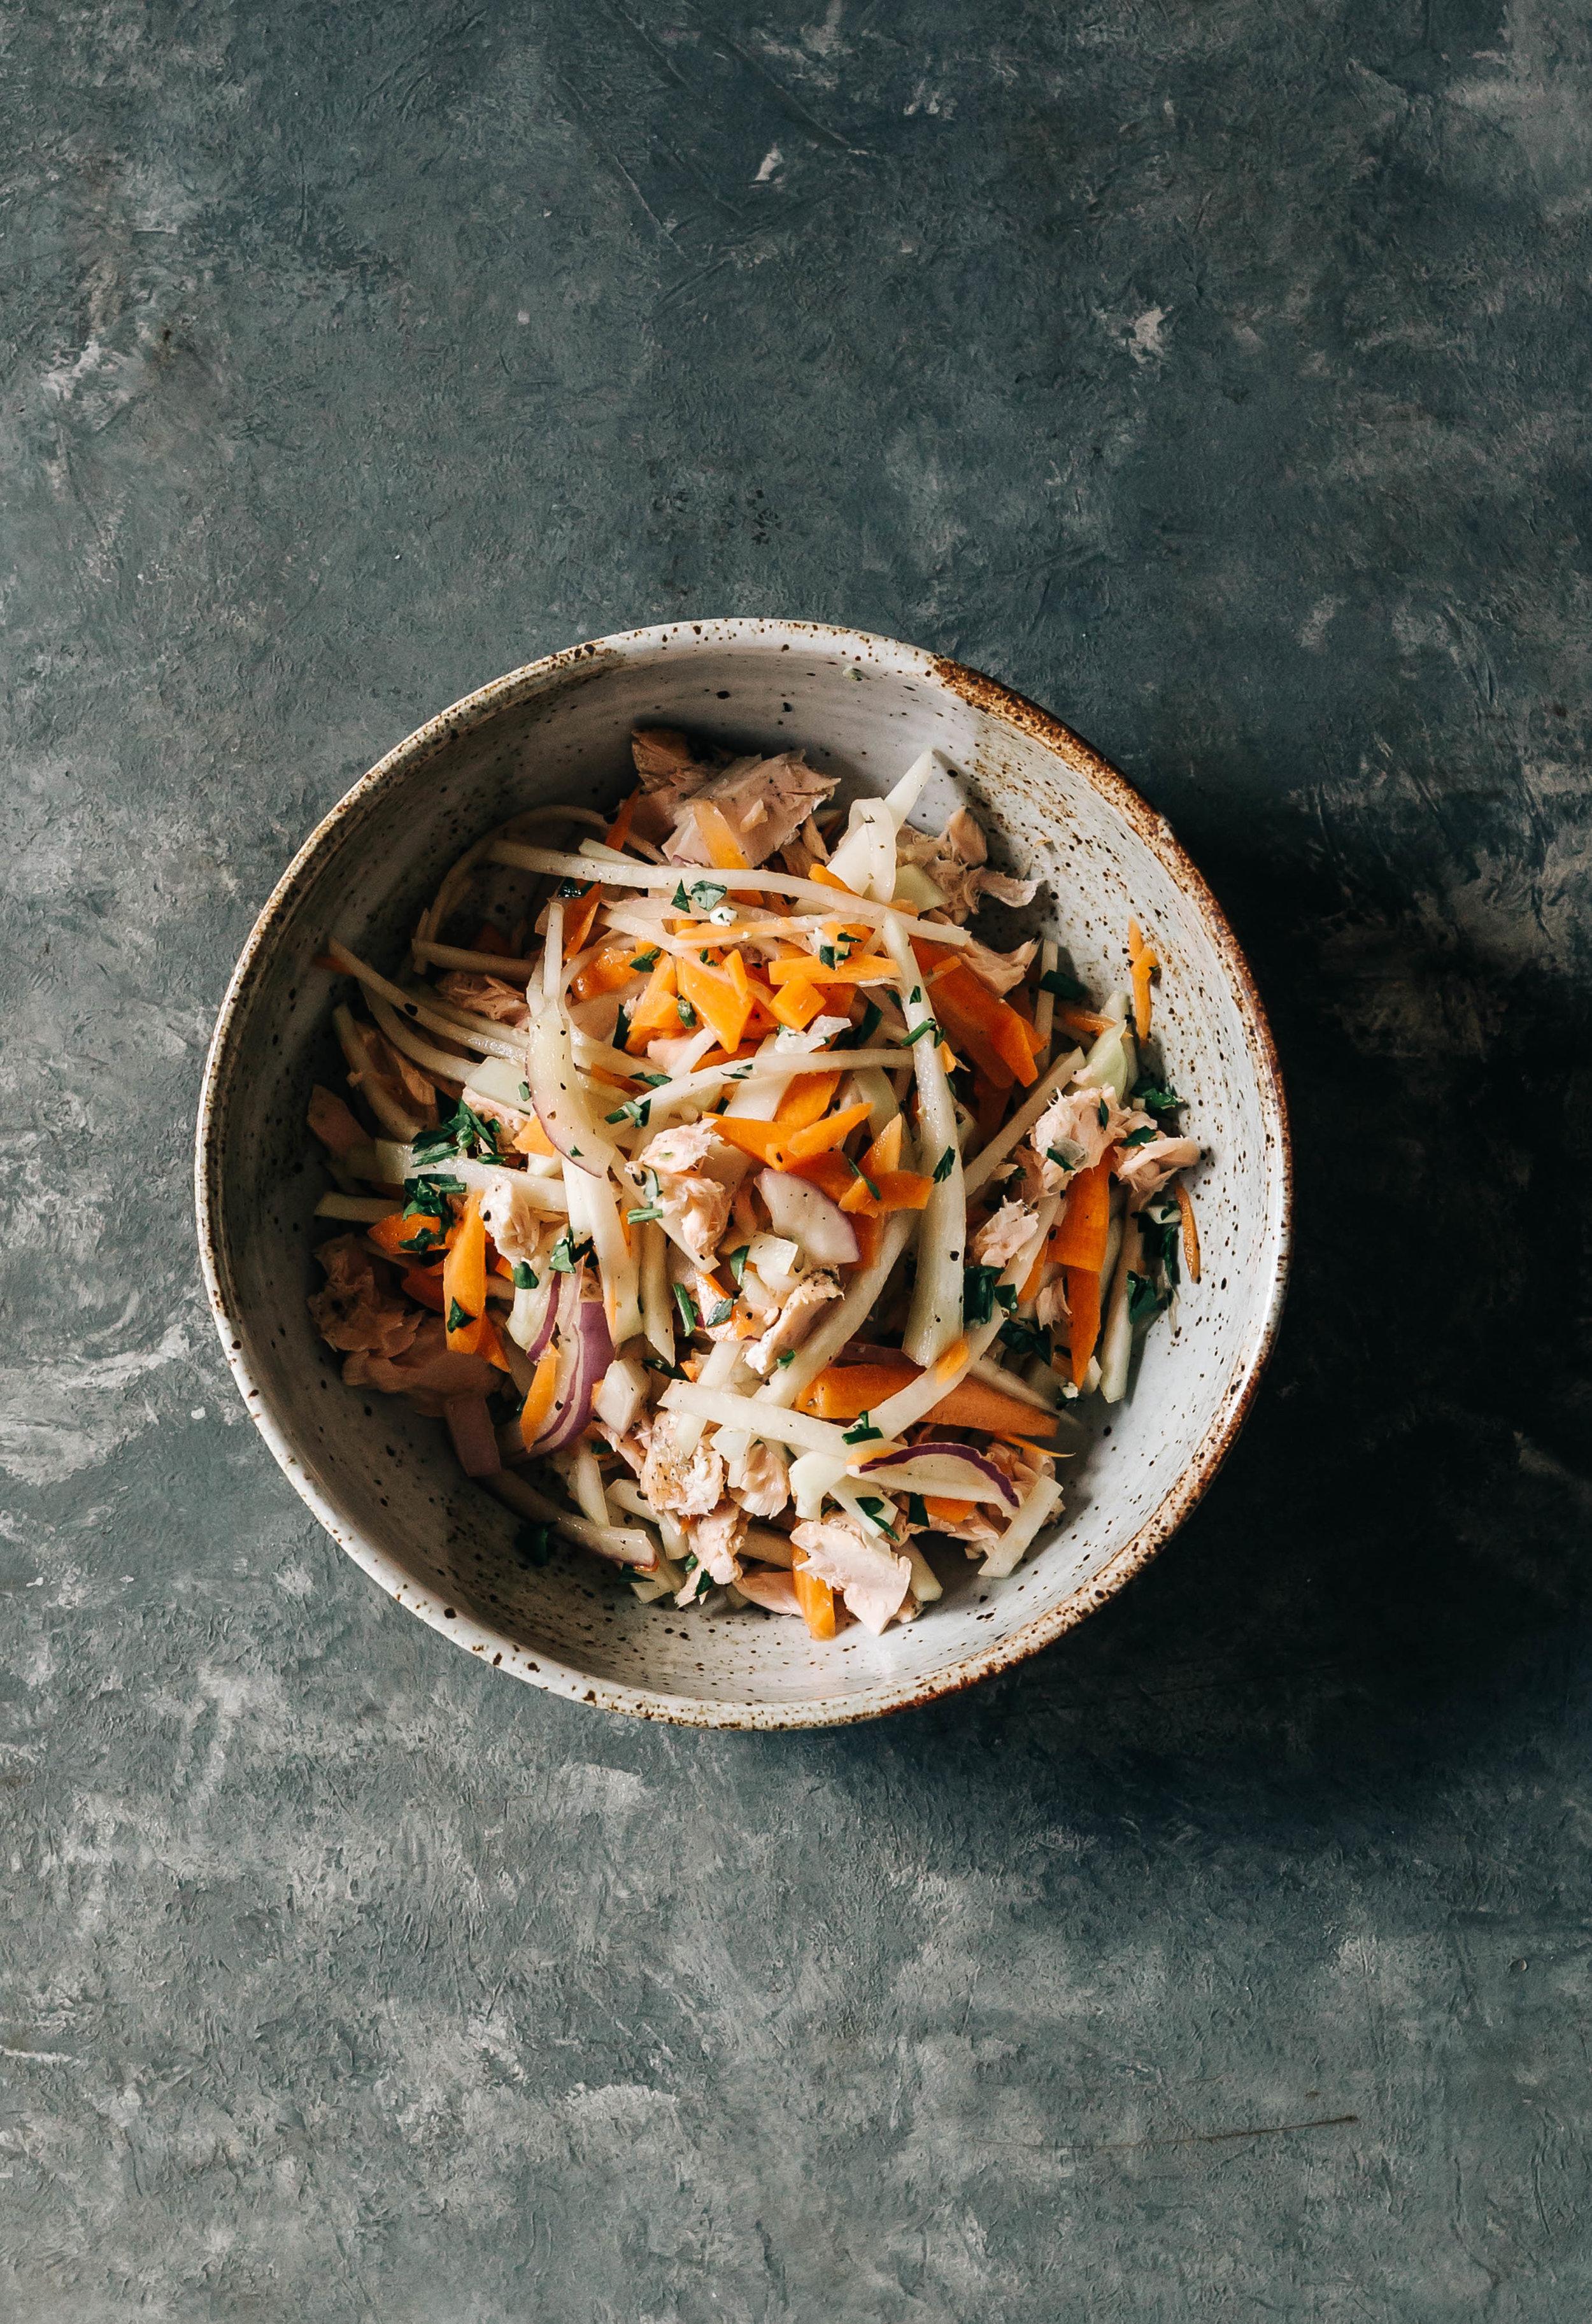 Kohlrabi and Carrot Slaw with Smoked Tuna